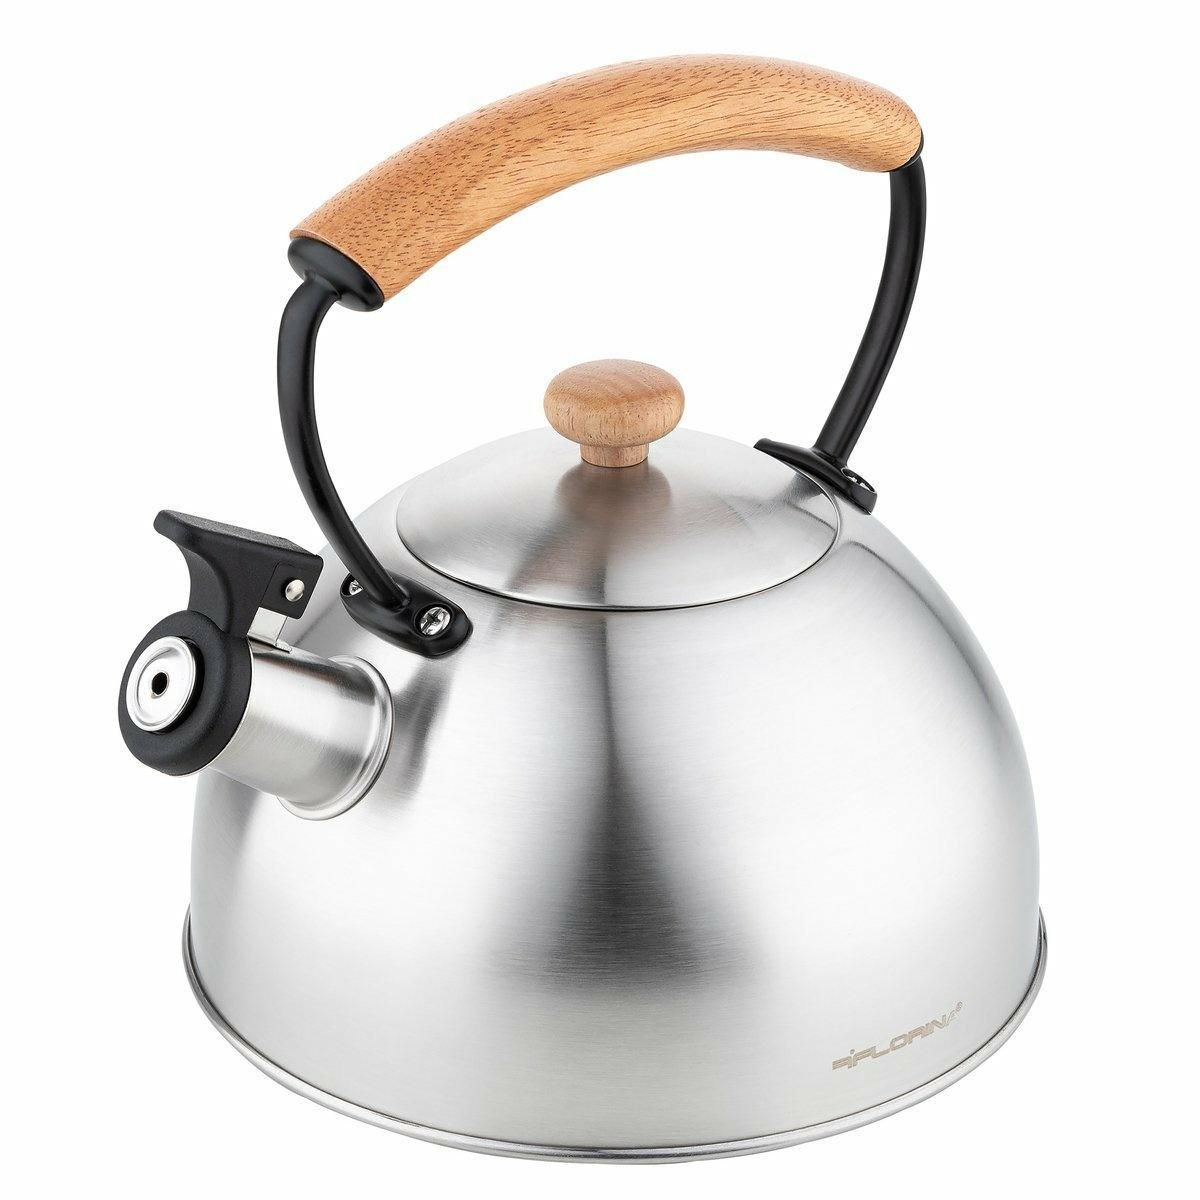 Florina Nerezový čajník Natura Line 2,3 l, stříbrná